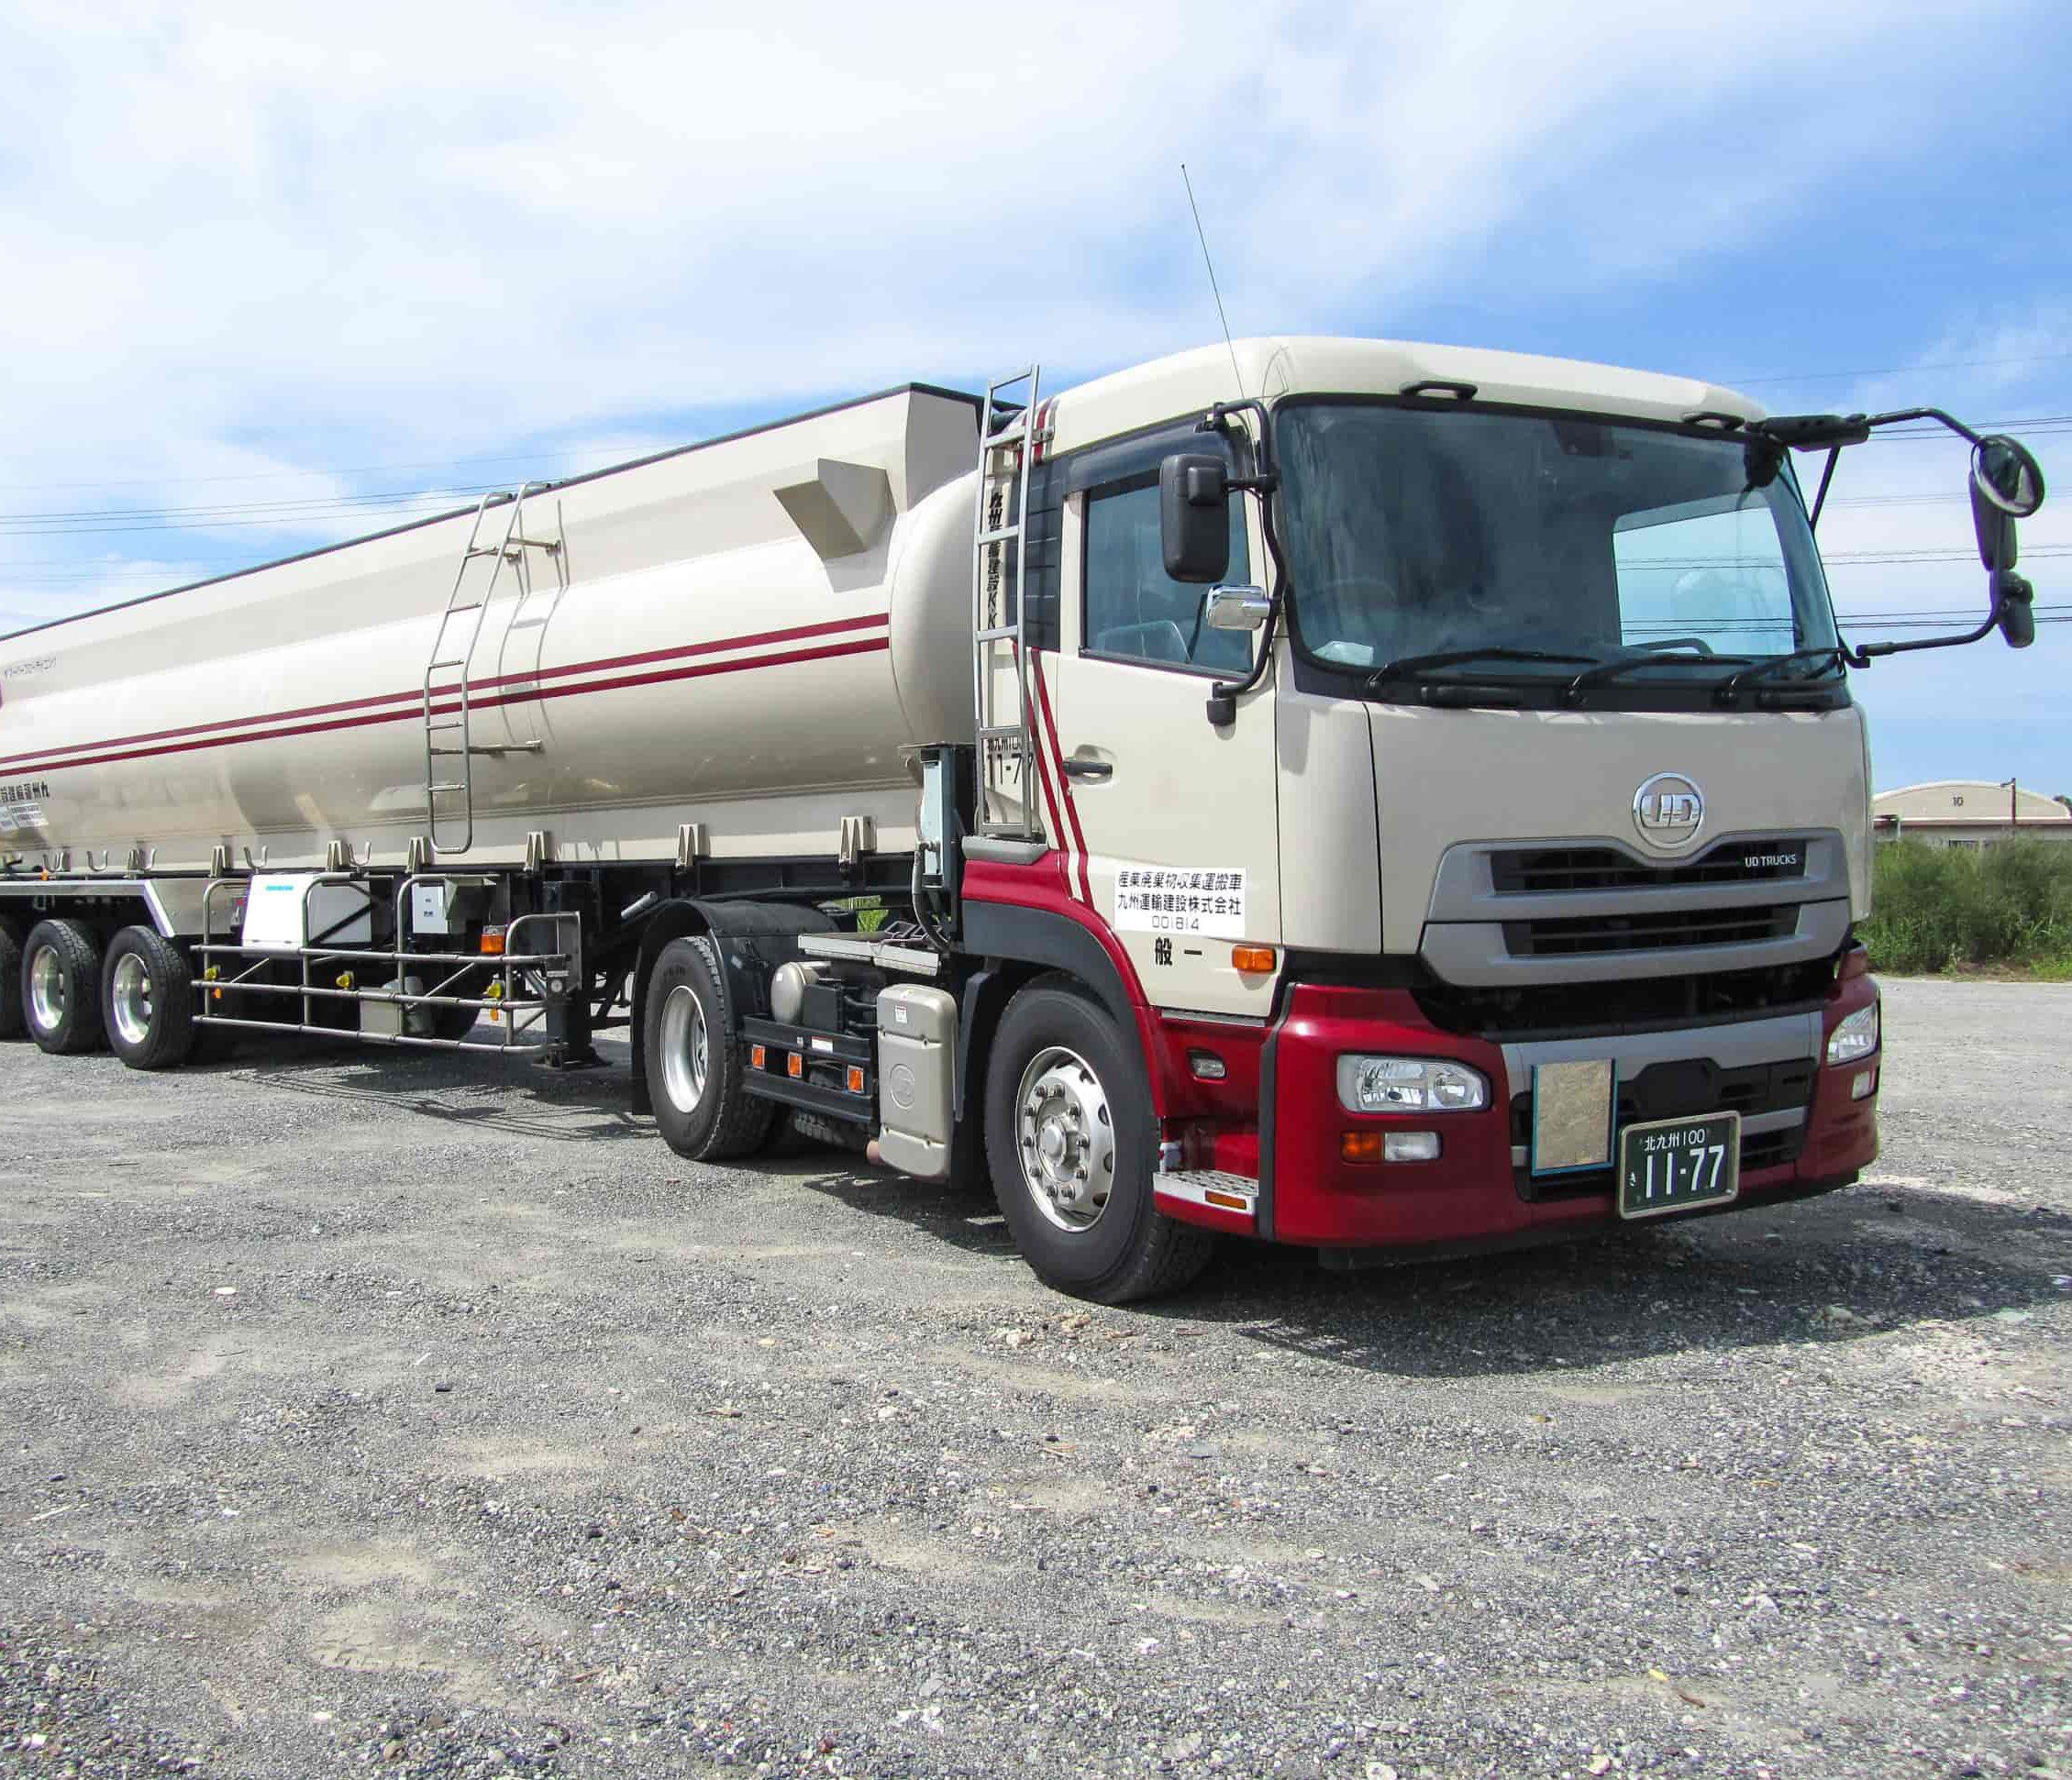 産業廃棄物の運搬車の画像 会社紹介 九州運輸建設株式会社 北九州市